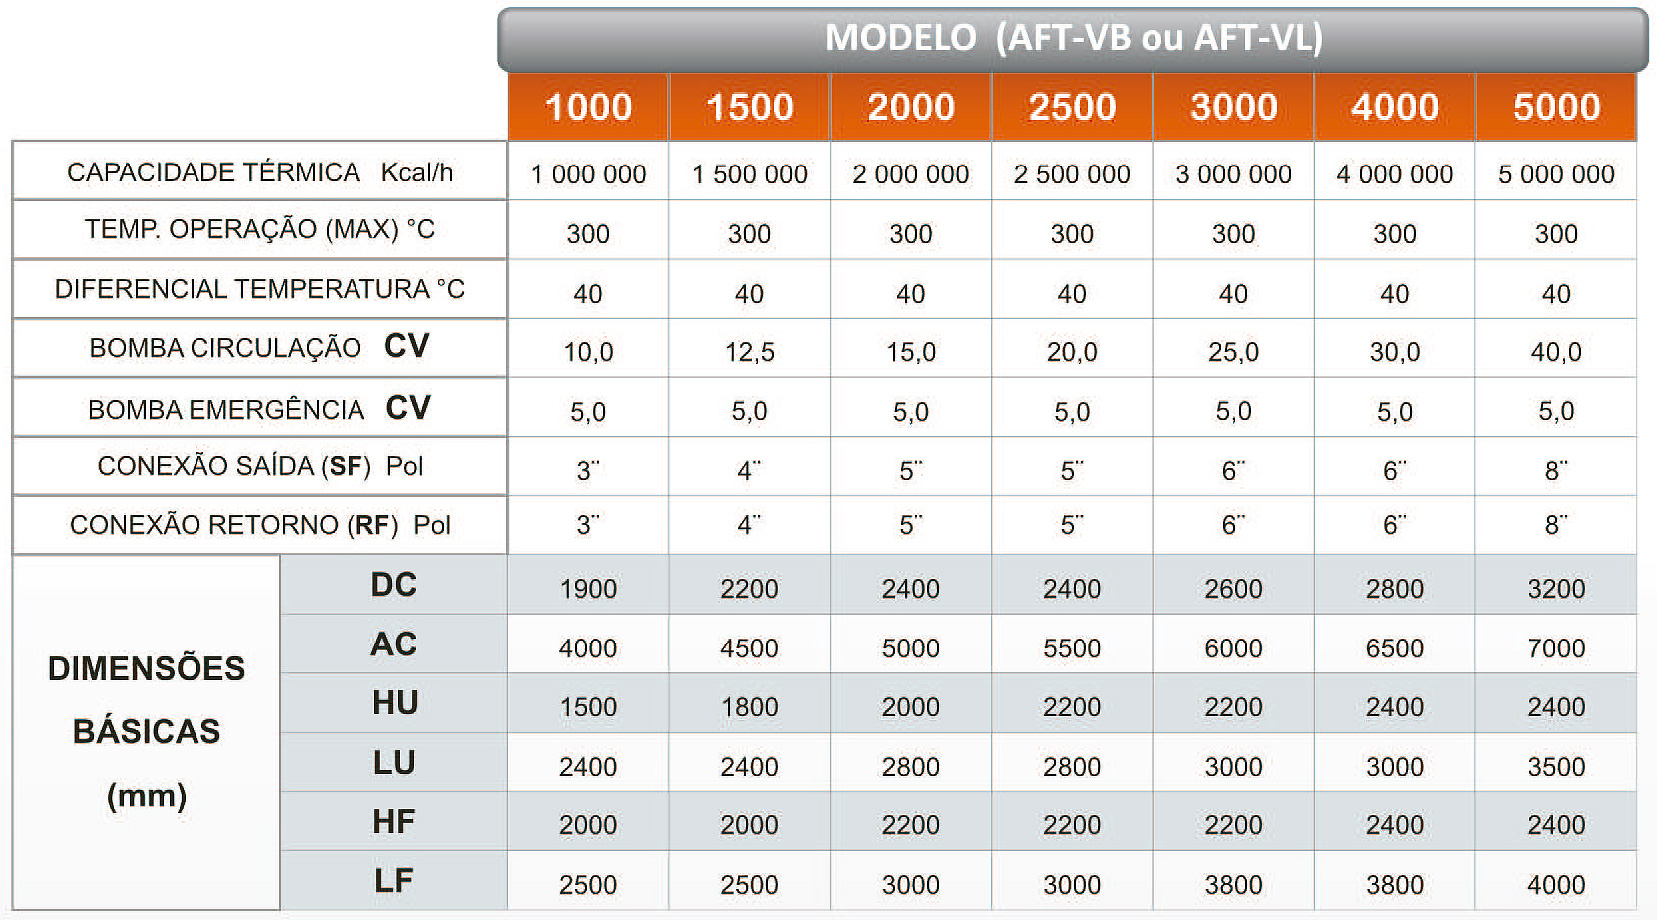 Dados Técnicos do Aquecedor de Fluído Térmico Vertical a Biomassa AFT-VB